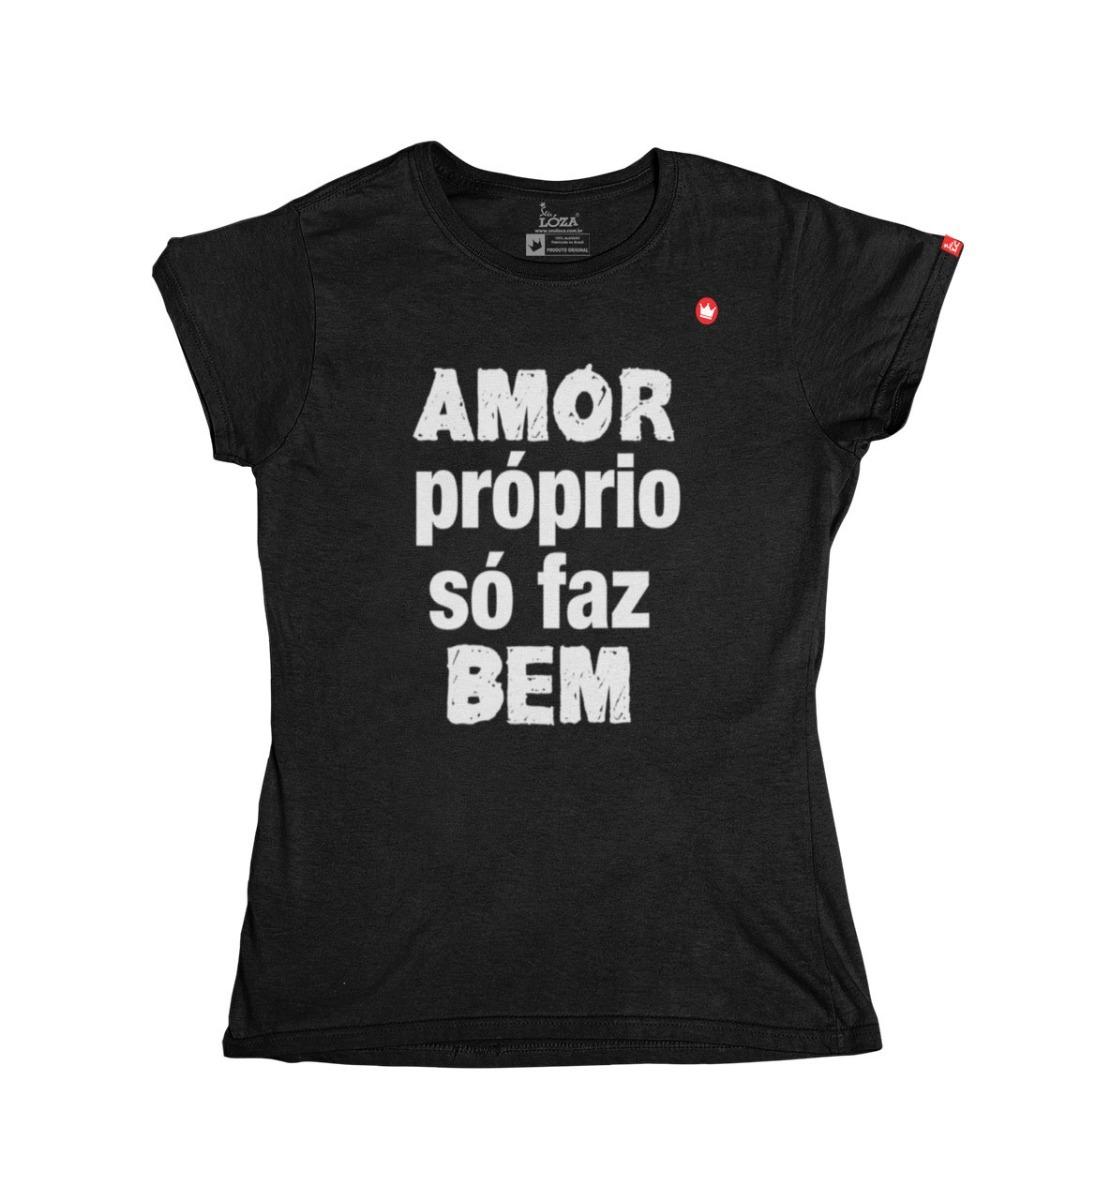 T Shirt Feminina Frases Amor Proprio So Faz Bem Auto Estima R 40